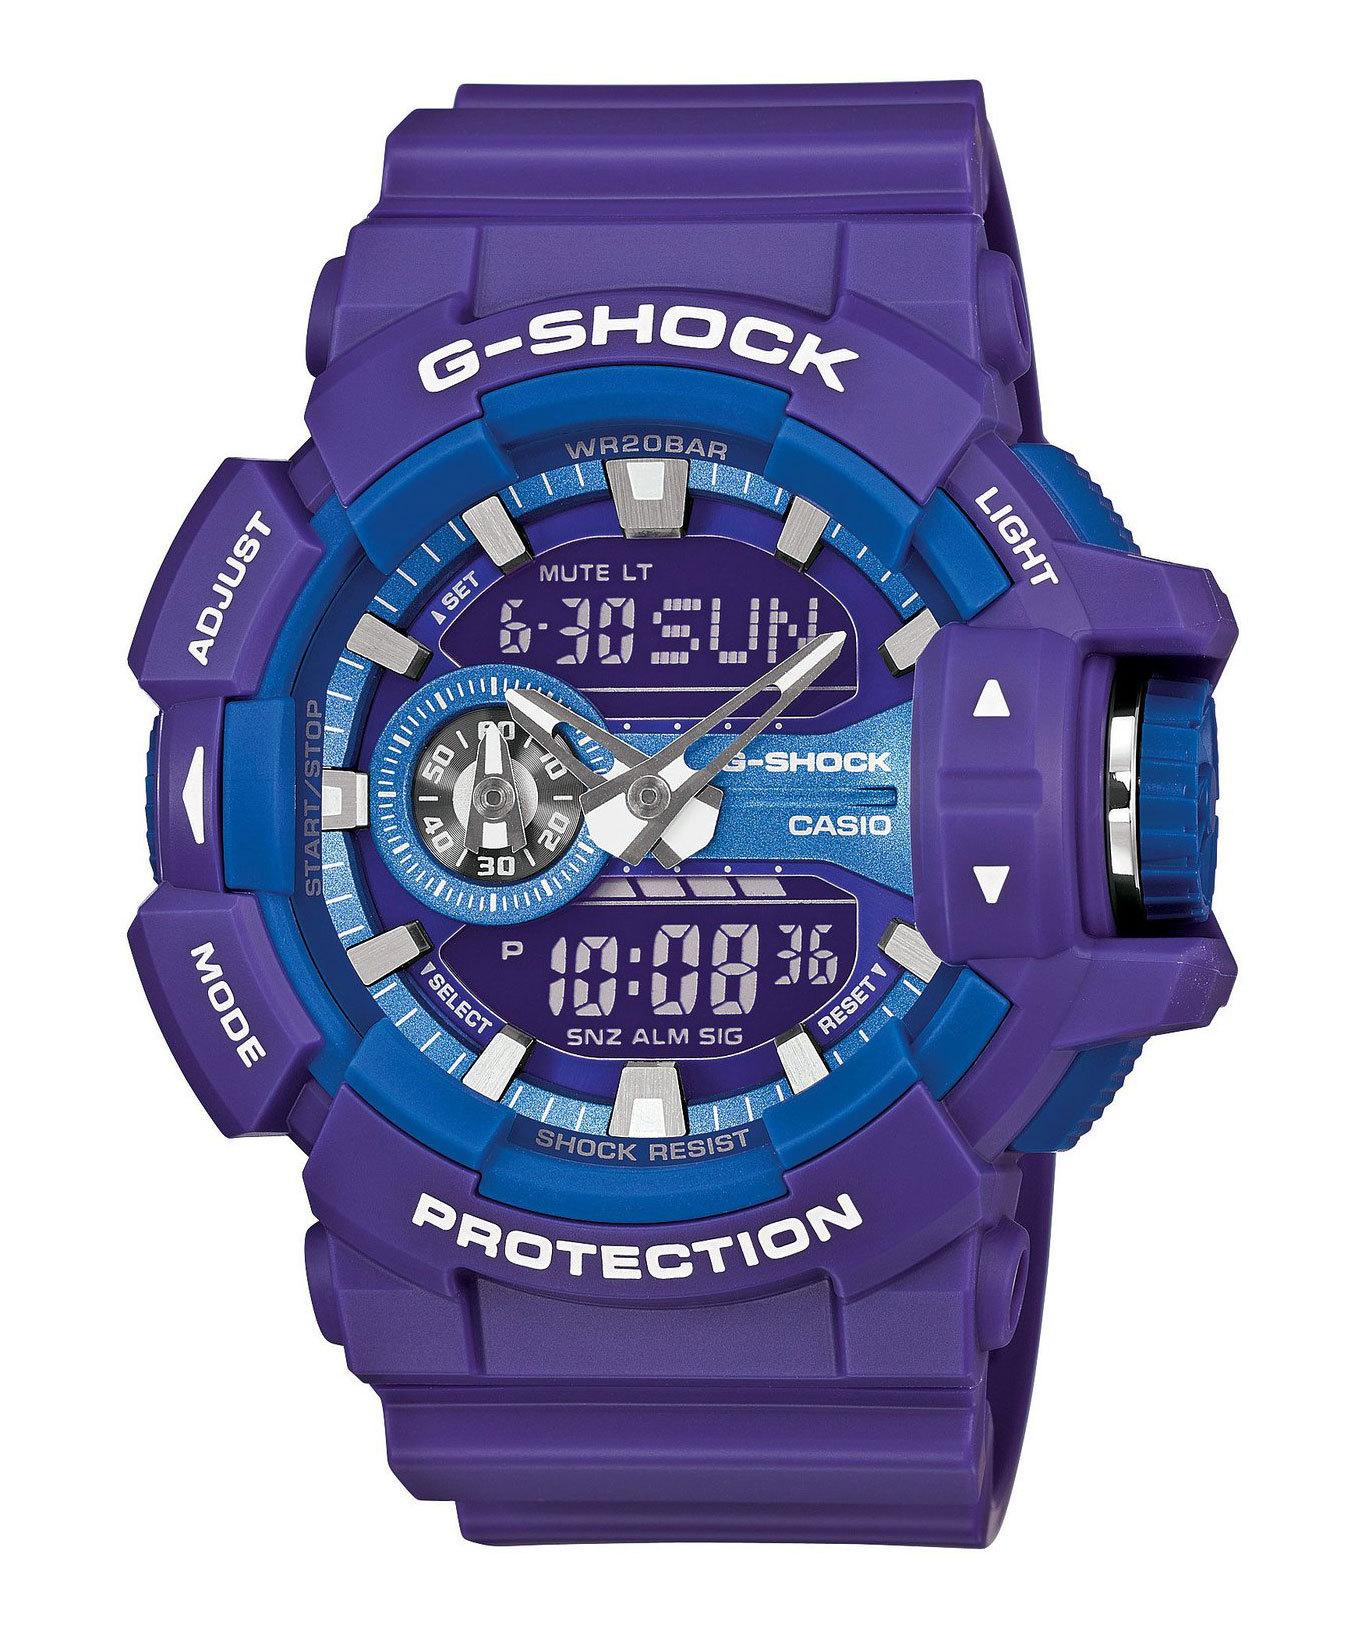 Casio G-SHOCK GA-400A-6A / GA-400A-6AER - мужские наручные часыCasio<br><br><br>Бренд: Casio<br>Модель: Casio GA-400A-6A<br>Артикул: GA-400A-6A<br>Вариант артикула: GA-400A-6AER<br>Коллекция: G-SHOCK<br>Подколлекция: None<br>Страна: Япония<br>Пол: мужские<br>Тип механизма: кварцевые<br>Механизм: None<br>Количество камней: None<br>Автоподзавод: None<br>Источник энергии: от батарейки<br>Срок службы элемента питания: None<br>Дисплей: стрелки + цифры<br>Цифры: отсутствуют<br>Водозащита: WR 200<br>Противоударные: есть<br>Материал корпуса: пластик<br>Материал браслета: пластик<br>Материал безеля: None<br>Стекло: минеральное<br>Антибликовое покрытие: None<br>Цвет корпуса: None<br>Цвет браслета: None<br>Цвет циферблата: None<br>Цвет безеля: None<br>Размеры: None<br>Диаметр: None<br>Диаметр корпуса: None<br>Толщина: None<br>Ширина ремешка: None<br>Вес: 70 г<br>Спорт-функции: секундомер, таймер обратного отсчета<br>Подсветка: дисплея<br>Вставка: None<br>Отображение даты: вечный календарь, число, месяц, день недели<br>Хронограф: None<br>Таймер: None<br>Термометр: None<br>Хронометр: None<br>GPS: None<br>Радиосинхронизация: None<br>Барометр: None<br>Скелетон: None<br>Дополнительная информация: защита от магнитных полей, ежечасный сигнал, повтор сигнала будильника, автоподсветка, функция включения/отключения звука кнопок, элемент питания SR927W ? 2, срок службы батарейки 3 года<br>Дополнительные функции: второй часовой пояс, будильник (количество установок: 5)